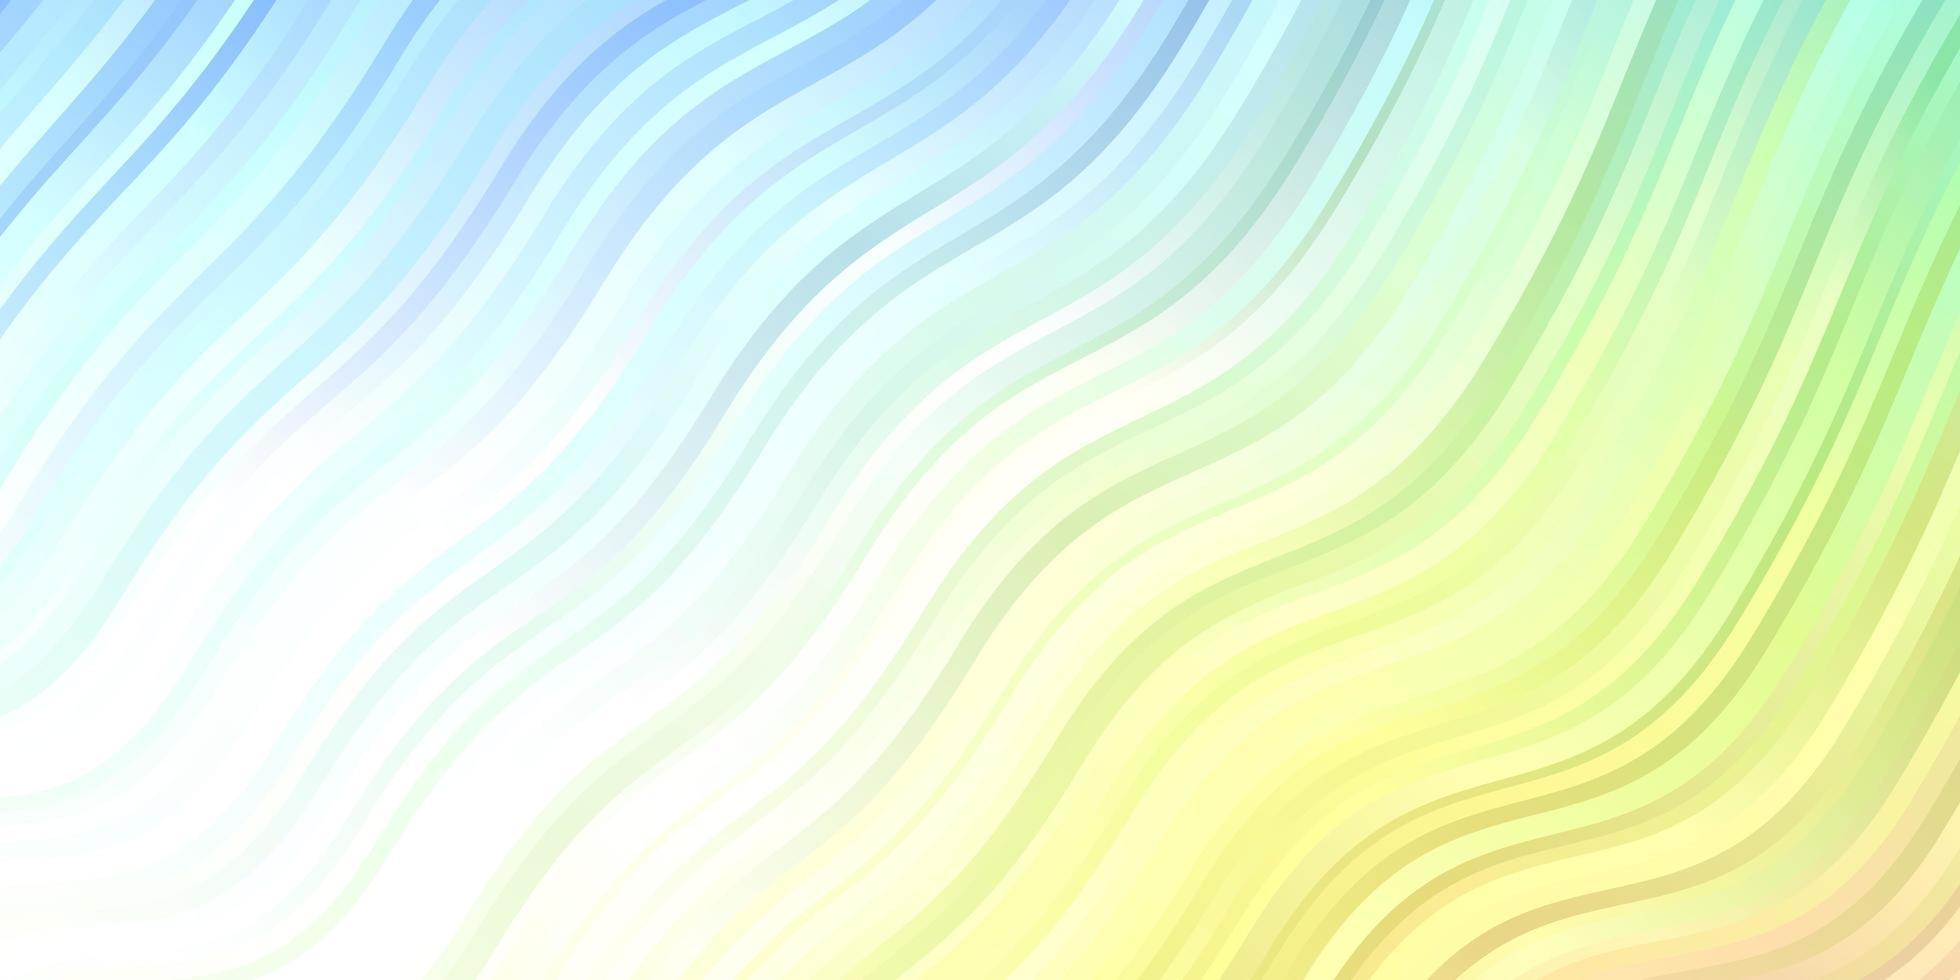 modelo de vetor multicolor de luz com linhas irônicas.